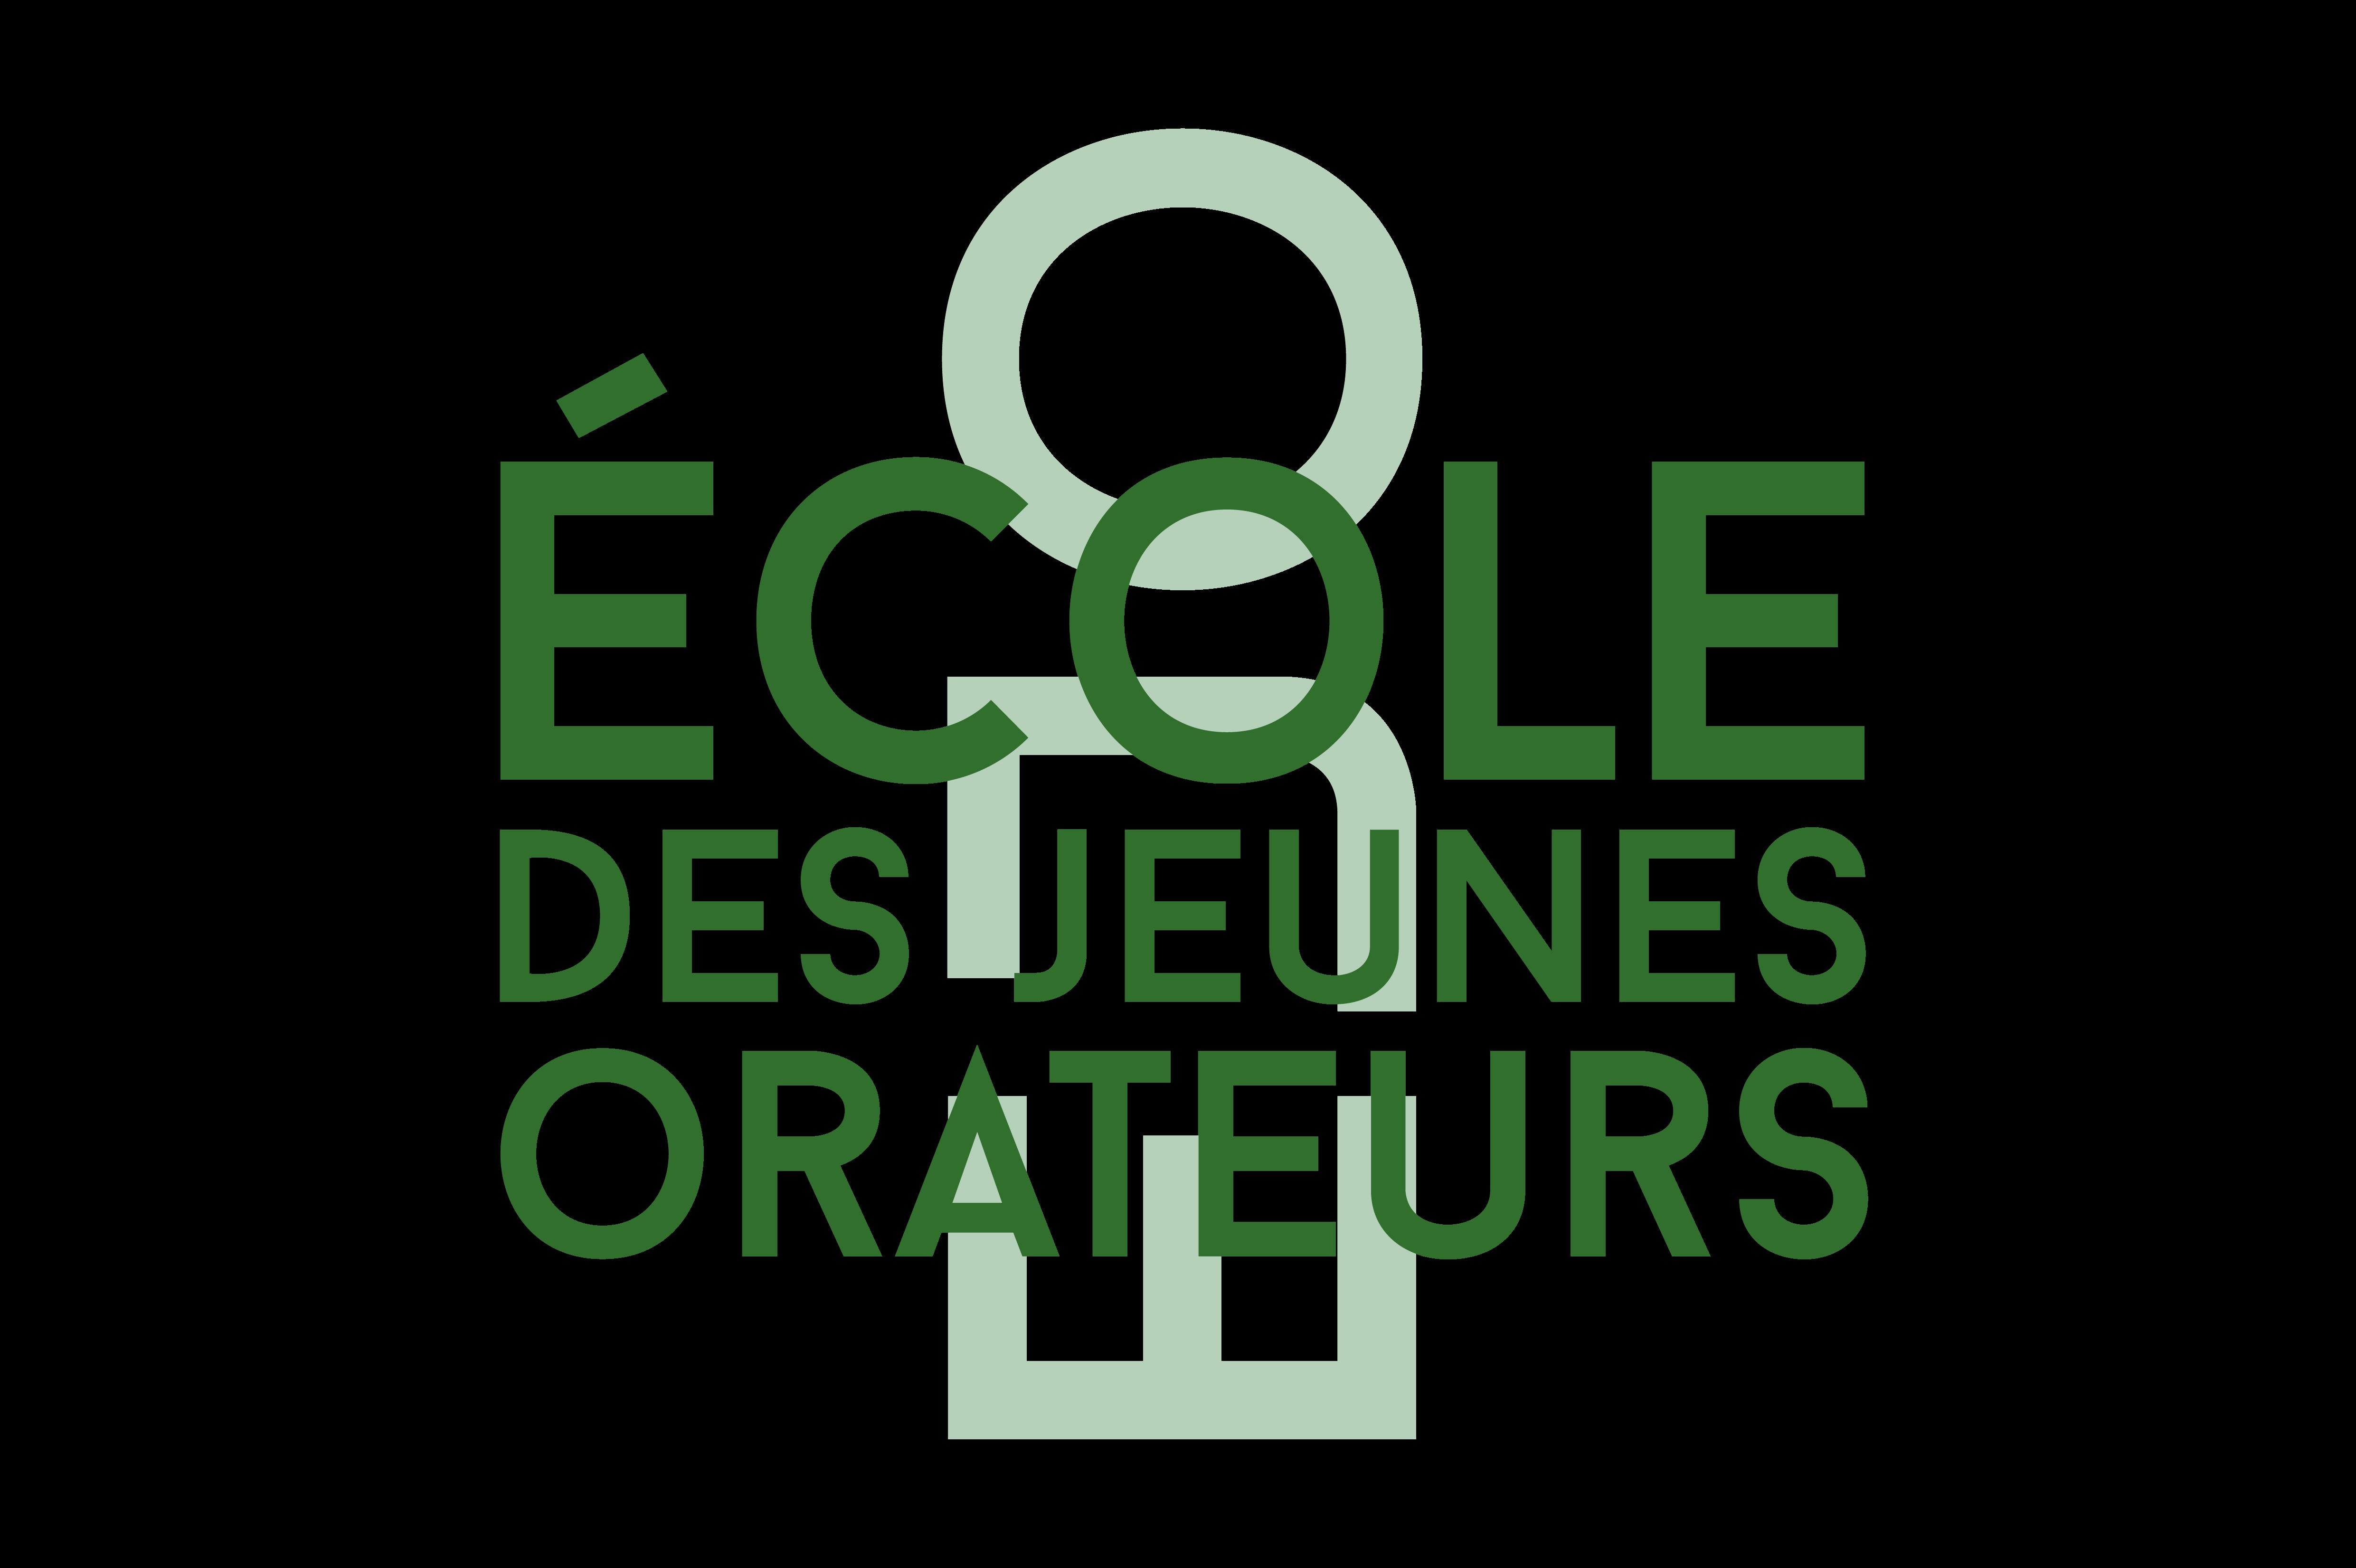 École des Jeunes Orateurs - Sciences Po Strasbourg